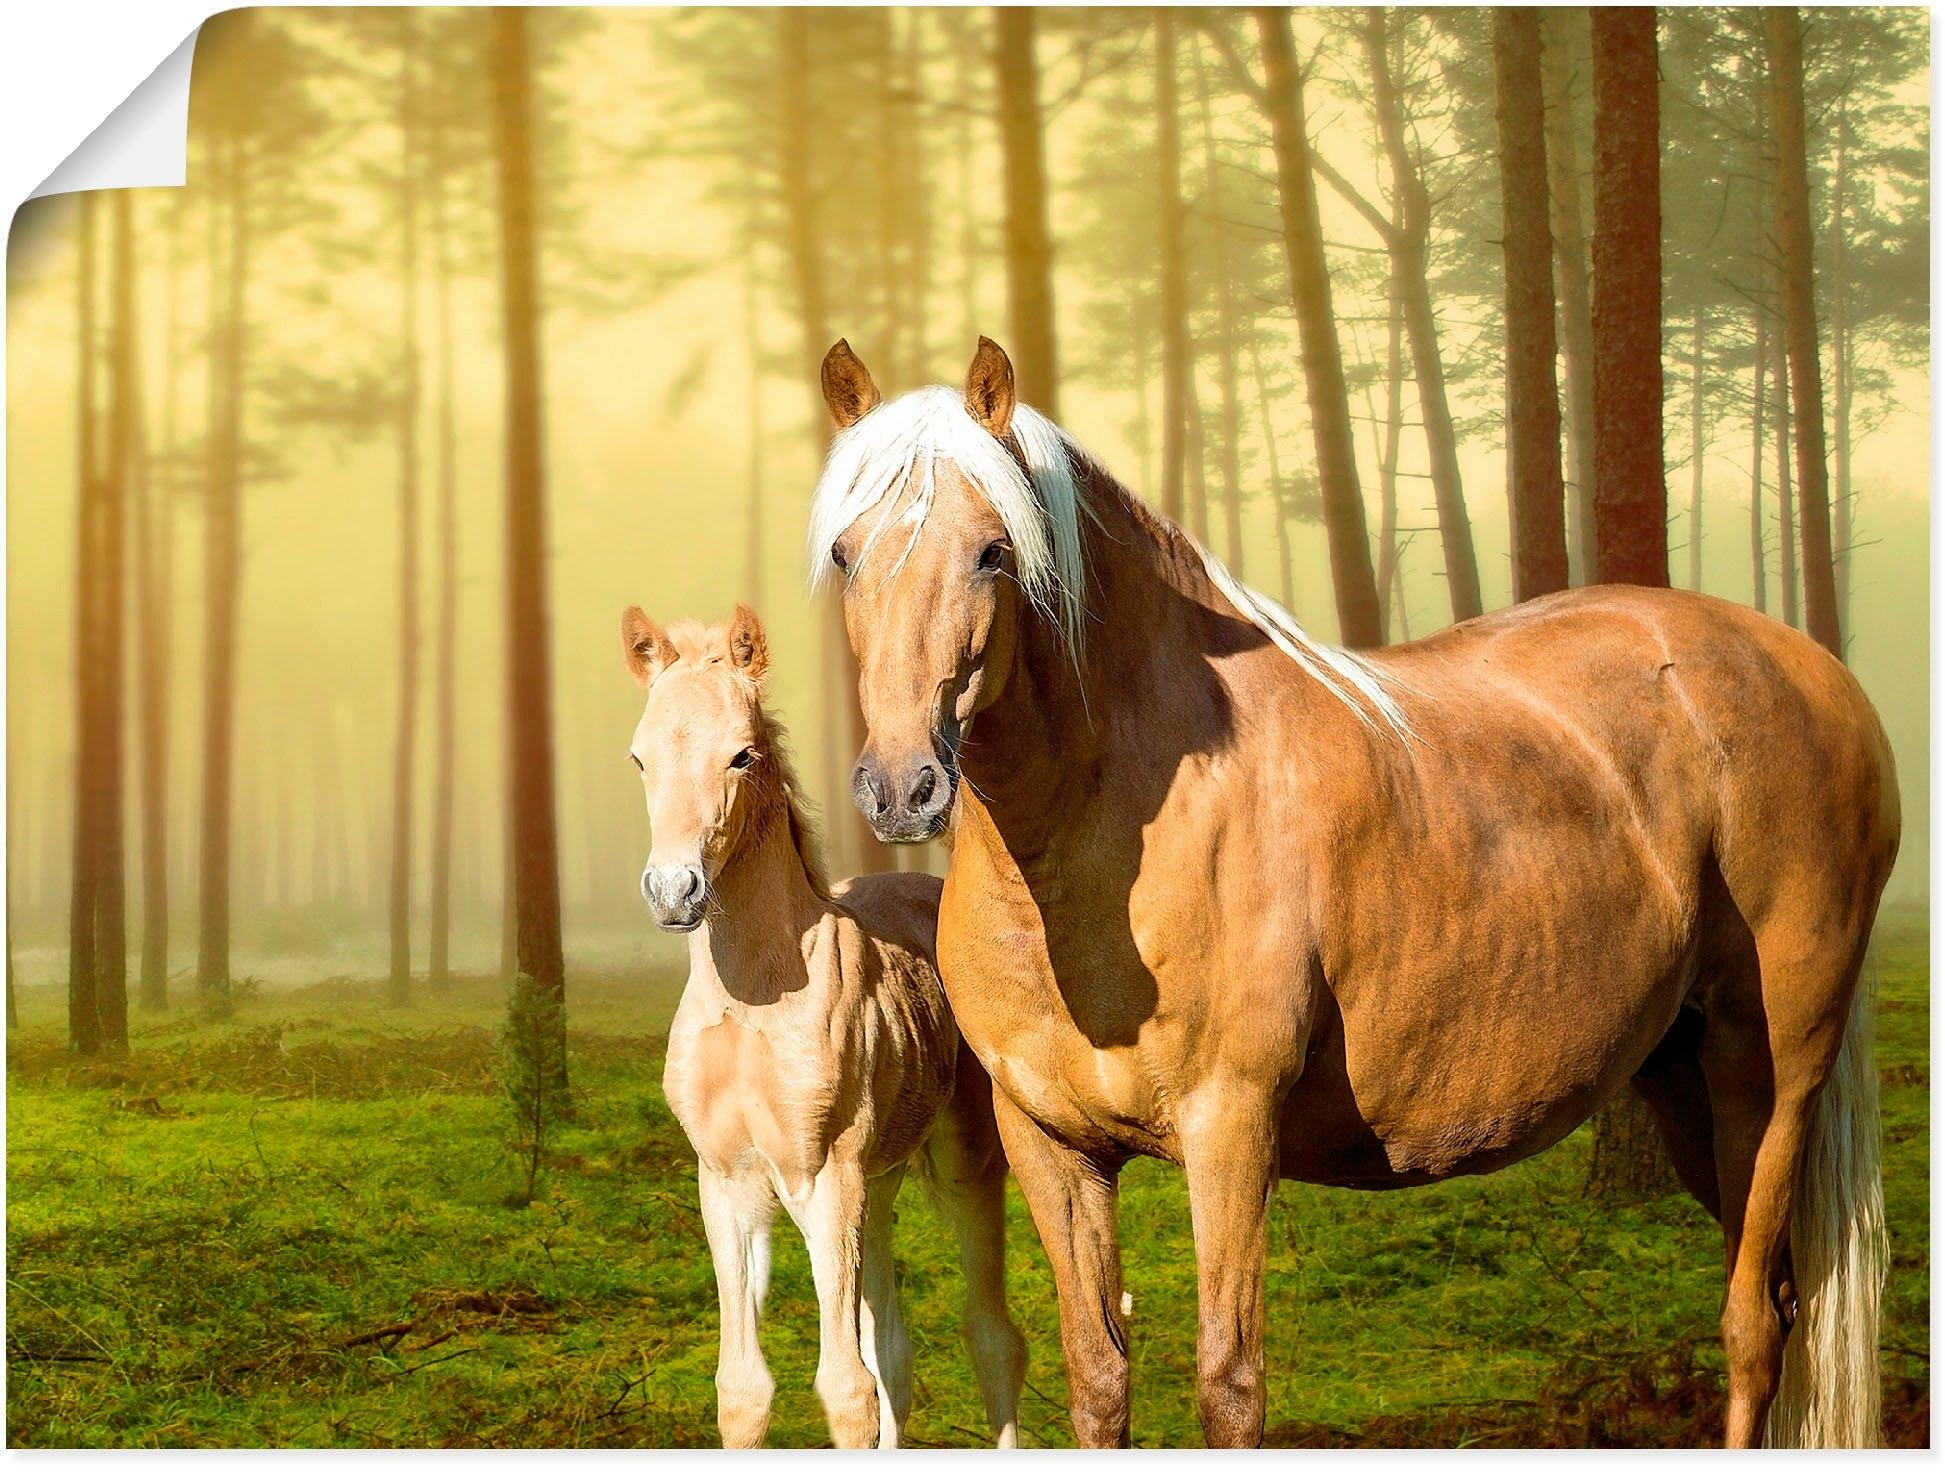 Op zoek naar een Artland artprint Paarden in de velden II in vele afmetingen & productsoorten - artprint van aluminium / artprint voor buiten, artprint op linnen, poster, muursticker / wandfolie ook geschikt voor de badkamer (1 stuk)? Koop online bij OTTO